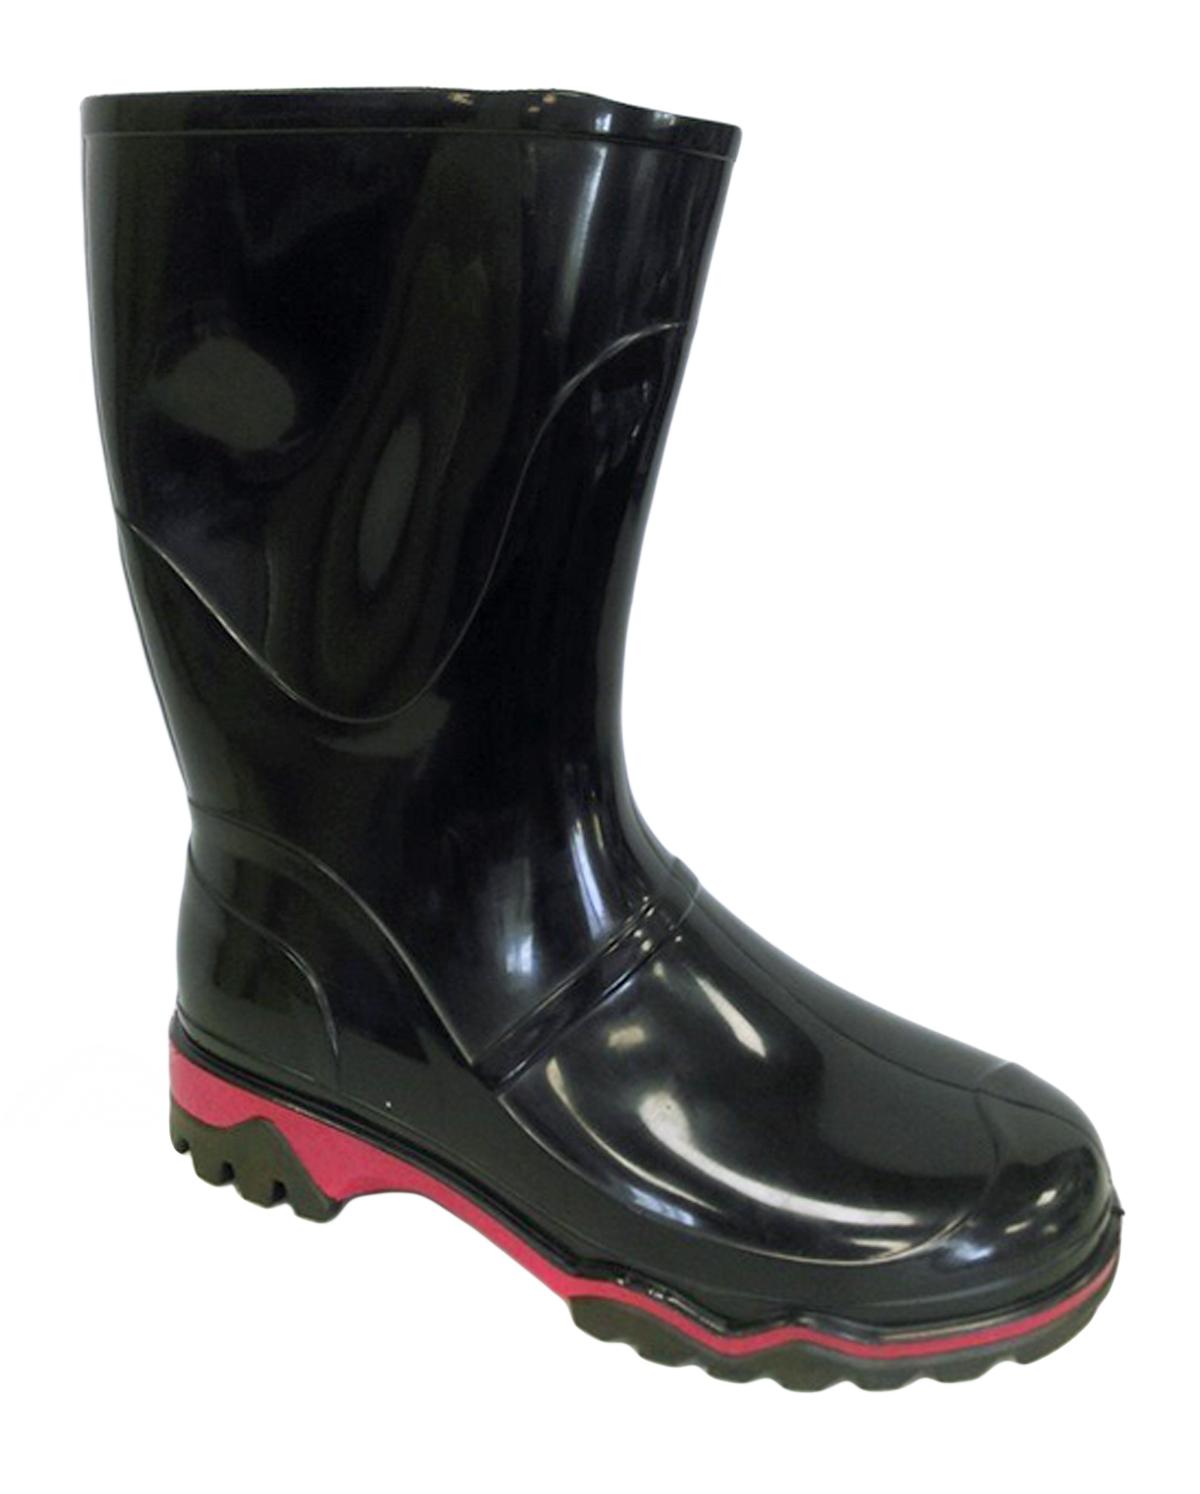 Сапоги резиновые для мальчика Дюна, цвет: черный. 340 У (НТП). Размер 37340 У (НТП)Прелестные резиновые сапоги Дюна - идеальная обувь в дождливую погоду для вашего ребенка. Сапоги, выполненные из резины. Подкладка и стелька из текстиля обеспечат комфорт. Подошва с рифлением гарантируют отличное сцепление с любой поверхностью. Резиновые сапоги - необходимая вещь в гардеробе каждого ребенка.